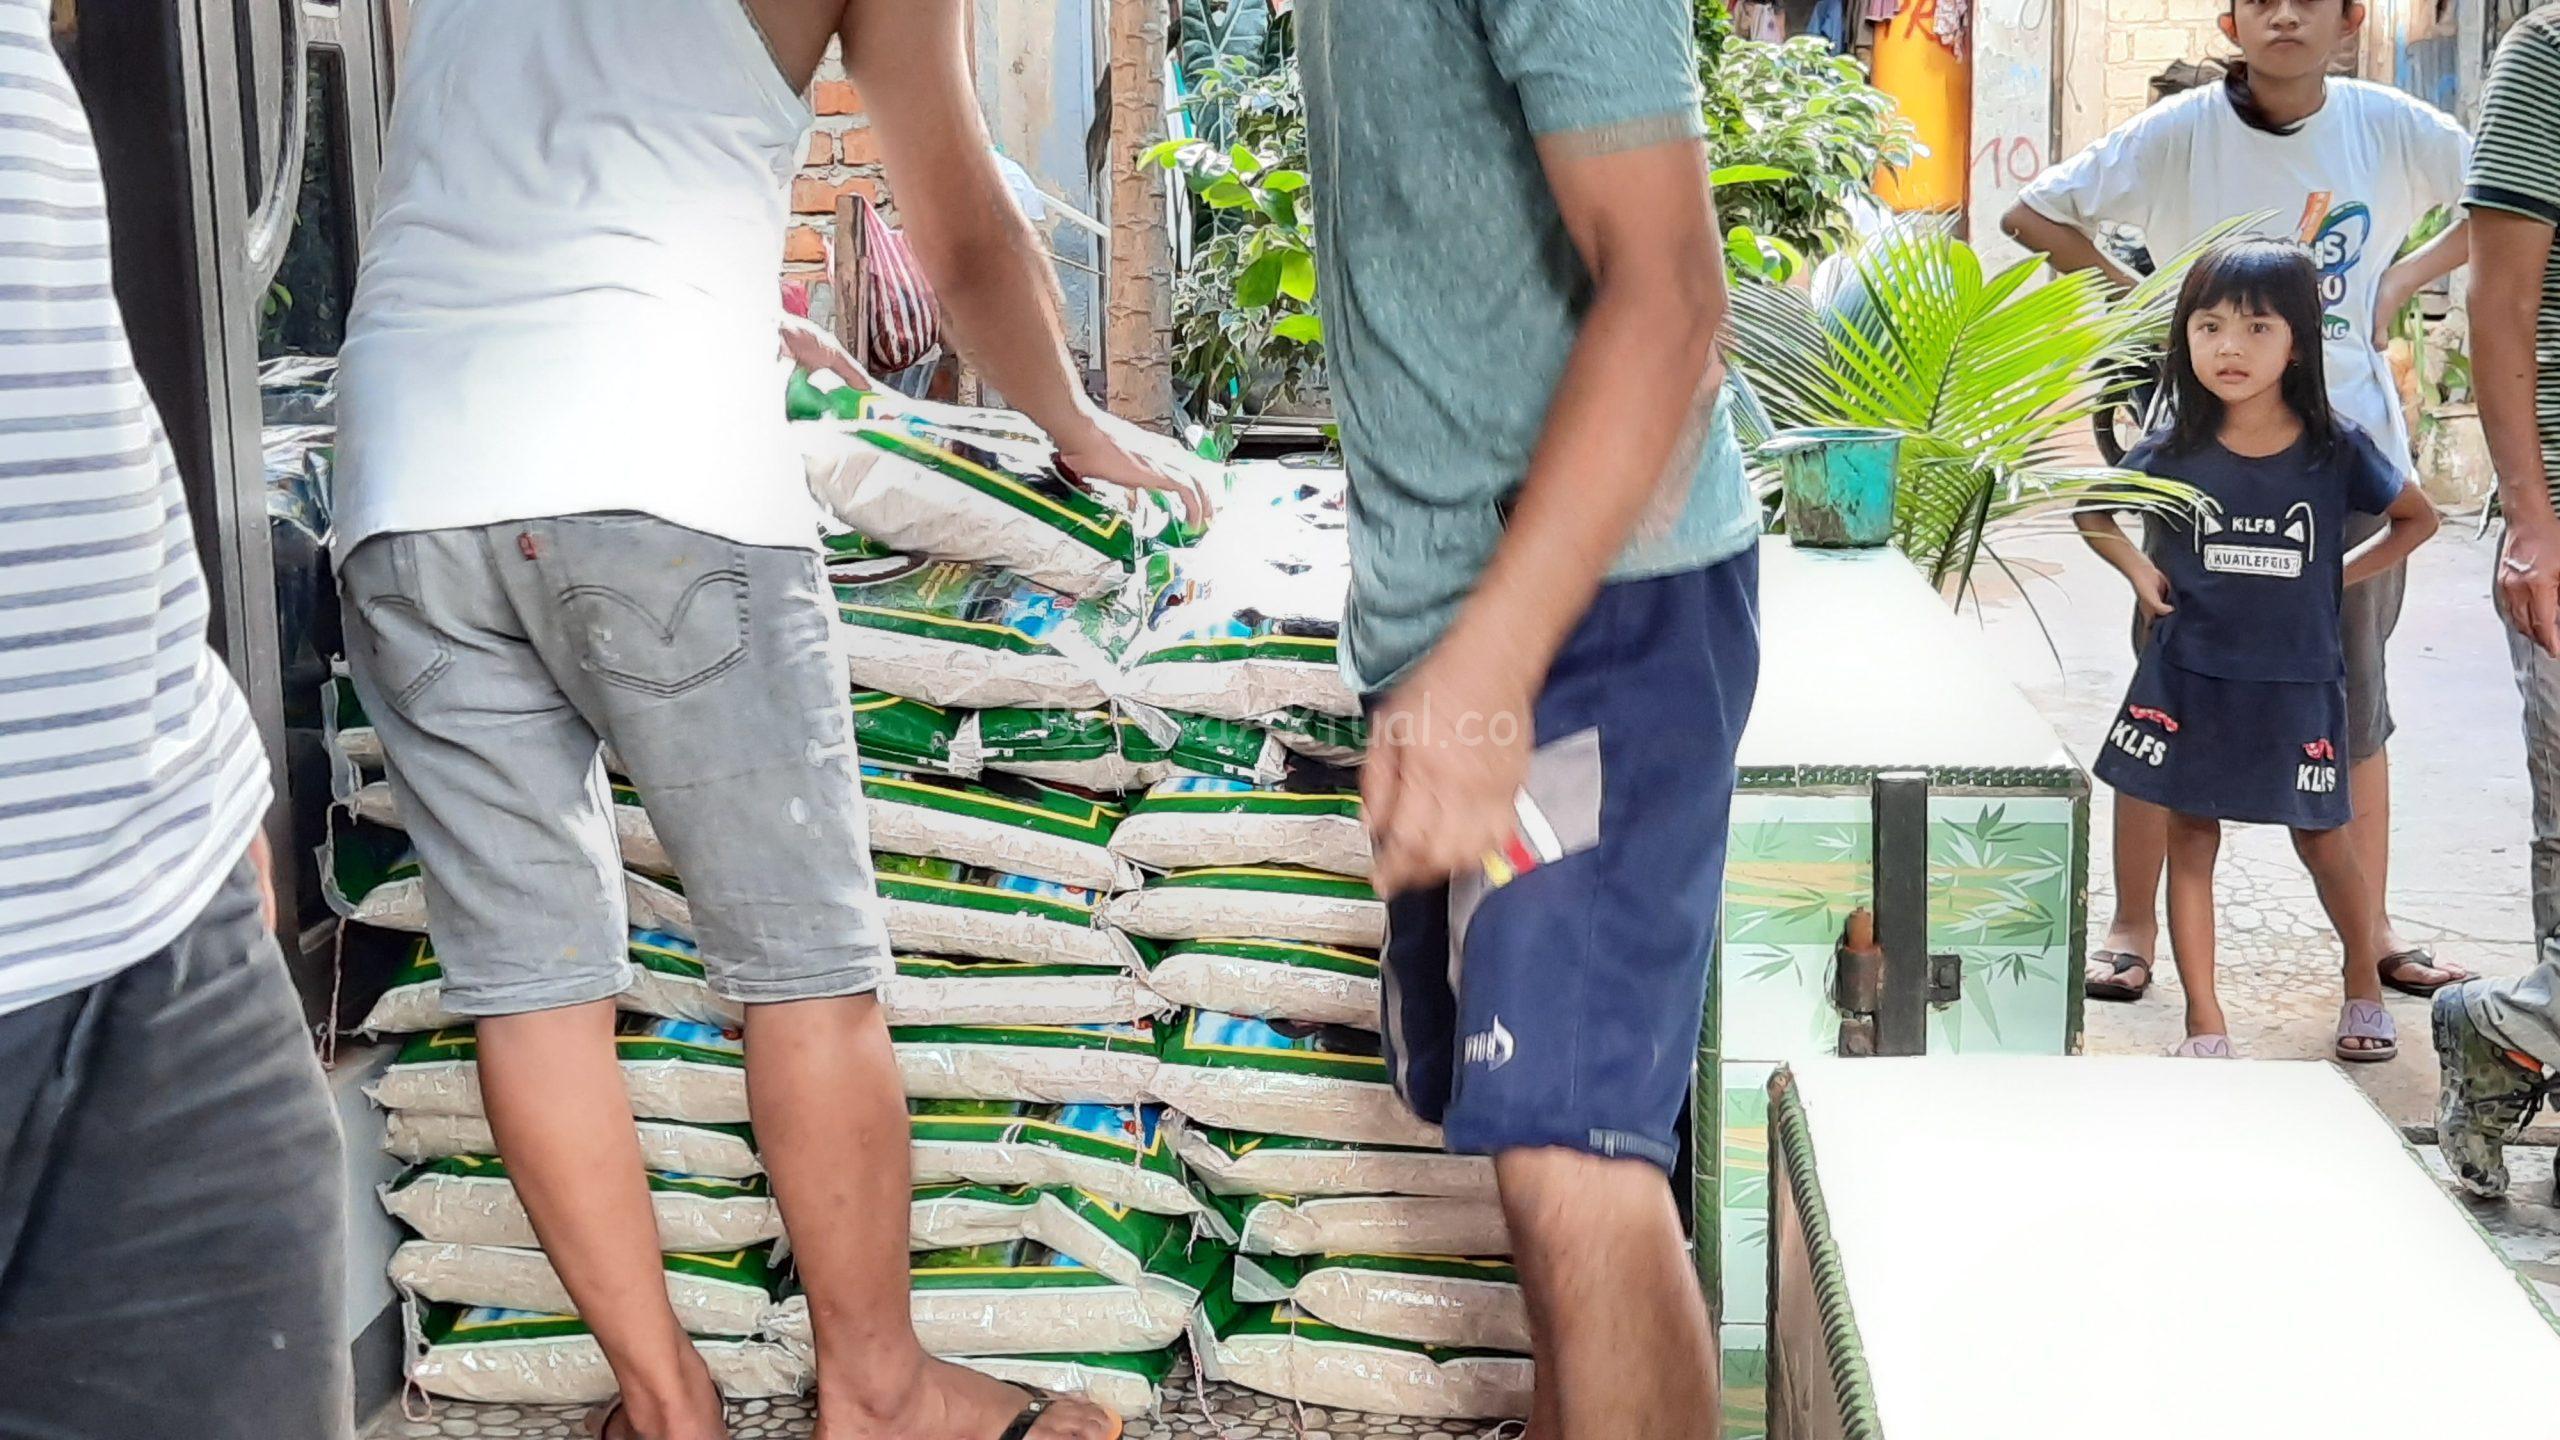 NasDem Peduli Dan Sahabat Rico Sia Salurkan 500 Paket Bama Untuk Warga Pasar Baru Kota Sorong 4 20200515 171350 scaled